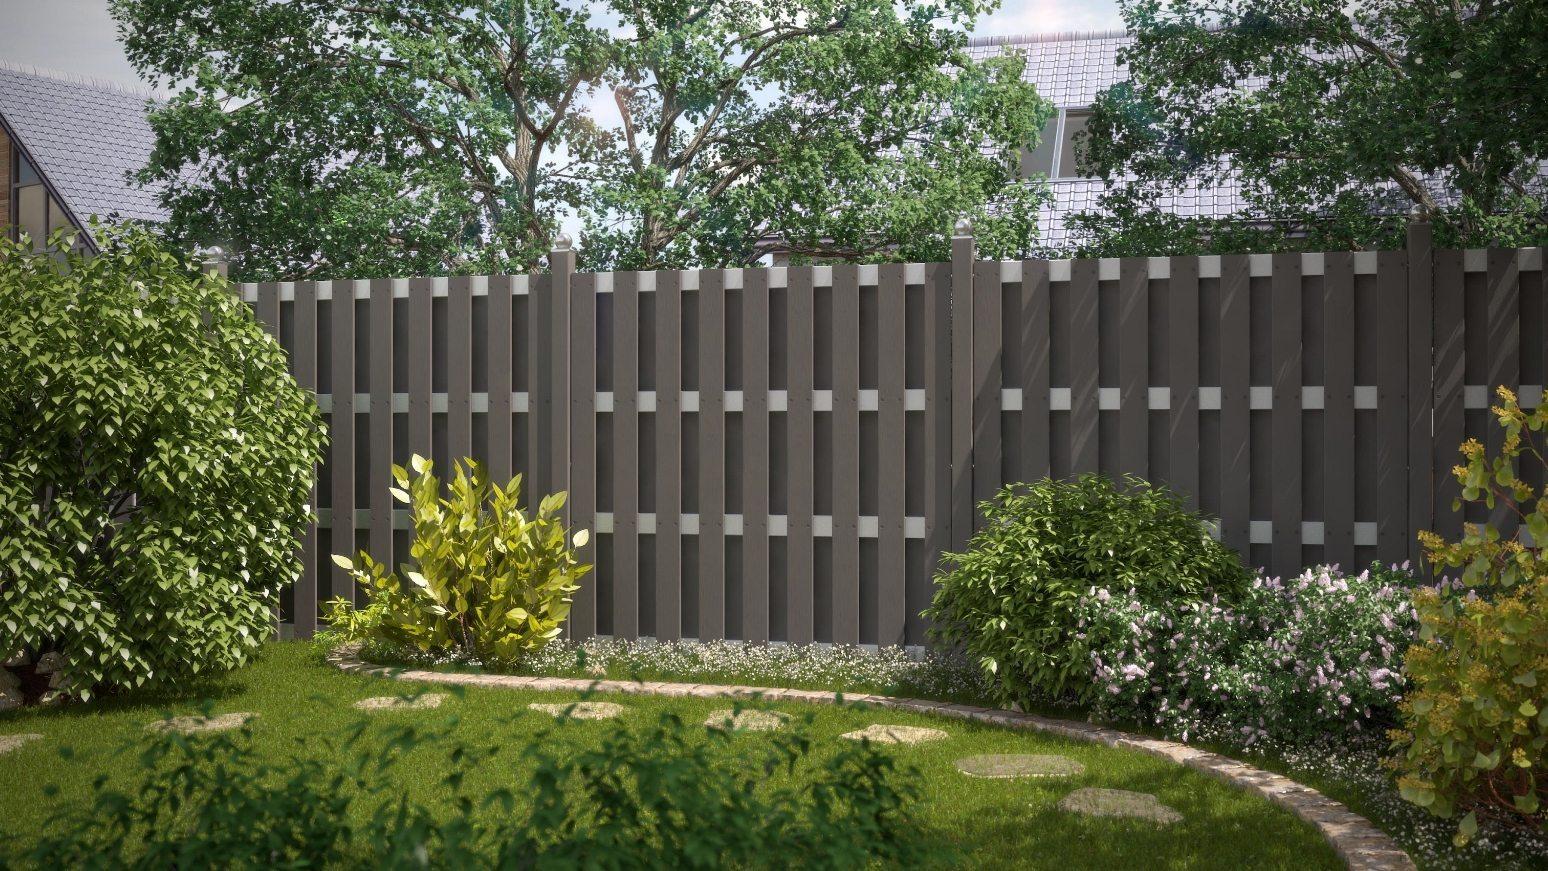 Sichtschutz Zaun Jumbo WPC 95x179 cm günstig gabione steinkorb